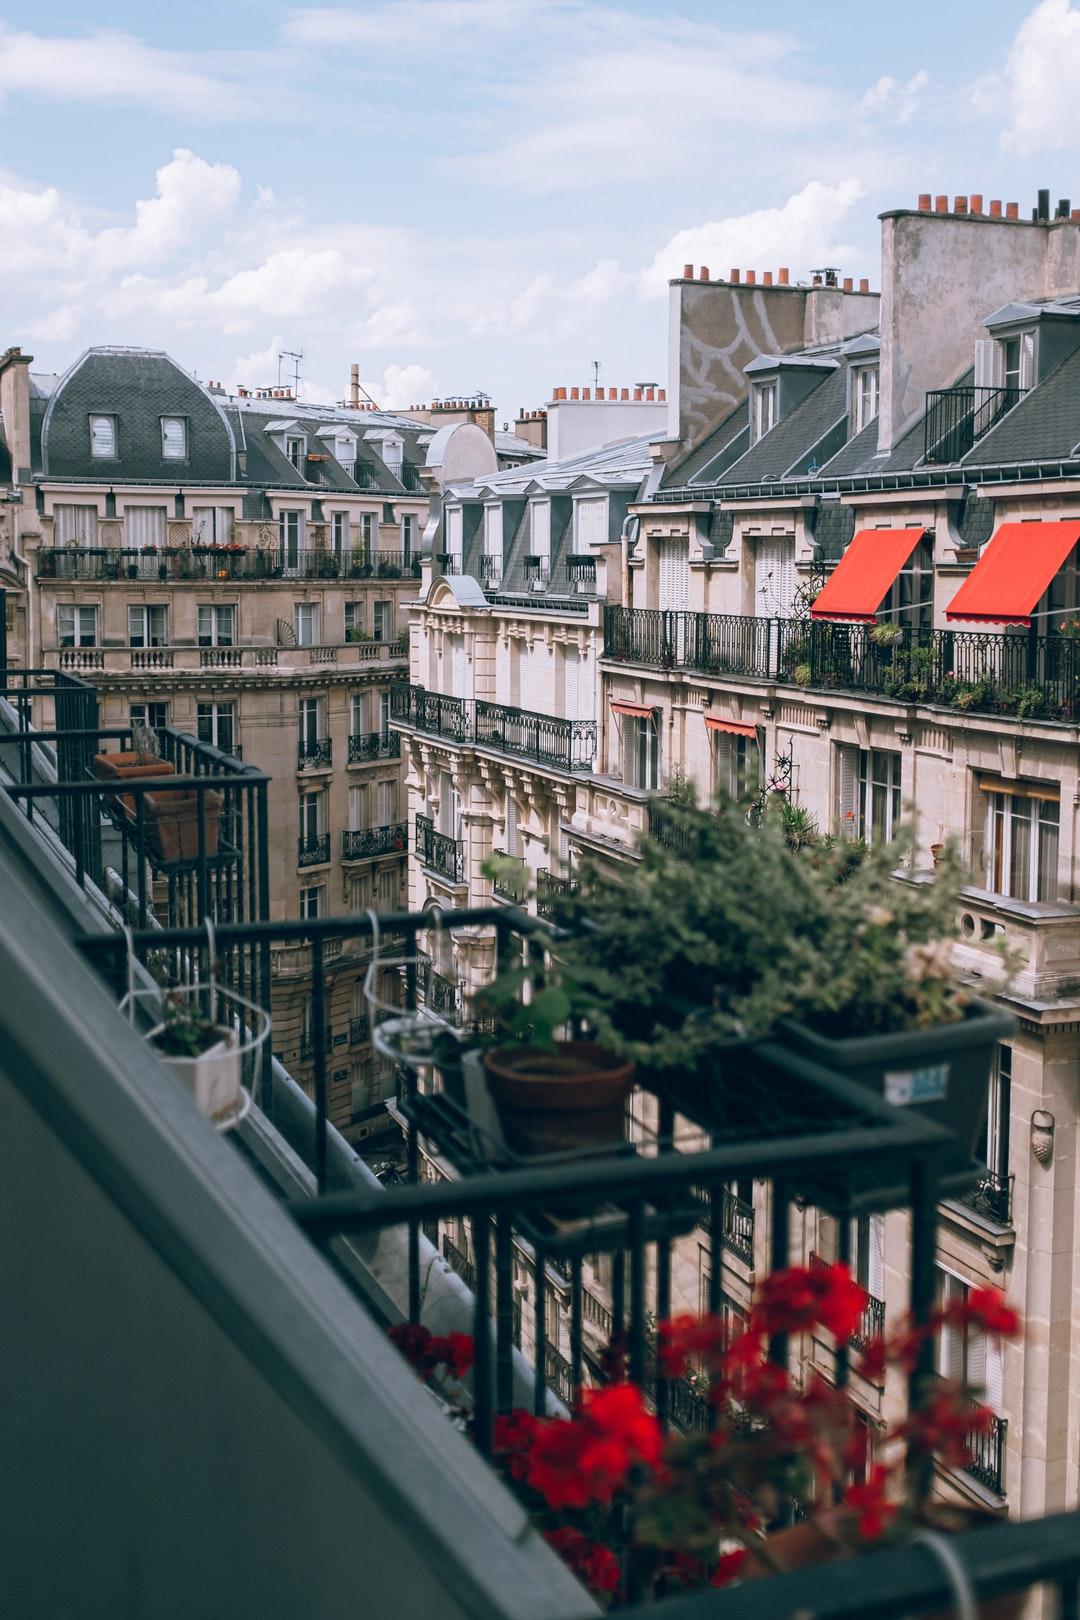 Une annonce surprenante : un appartement de 7m² à vendre pour 300 000€